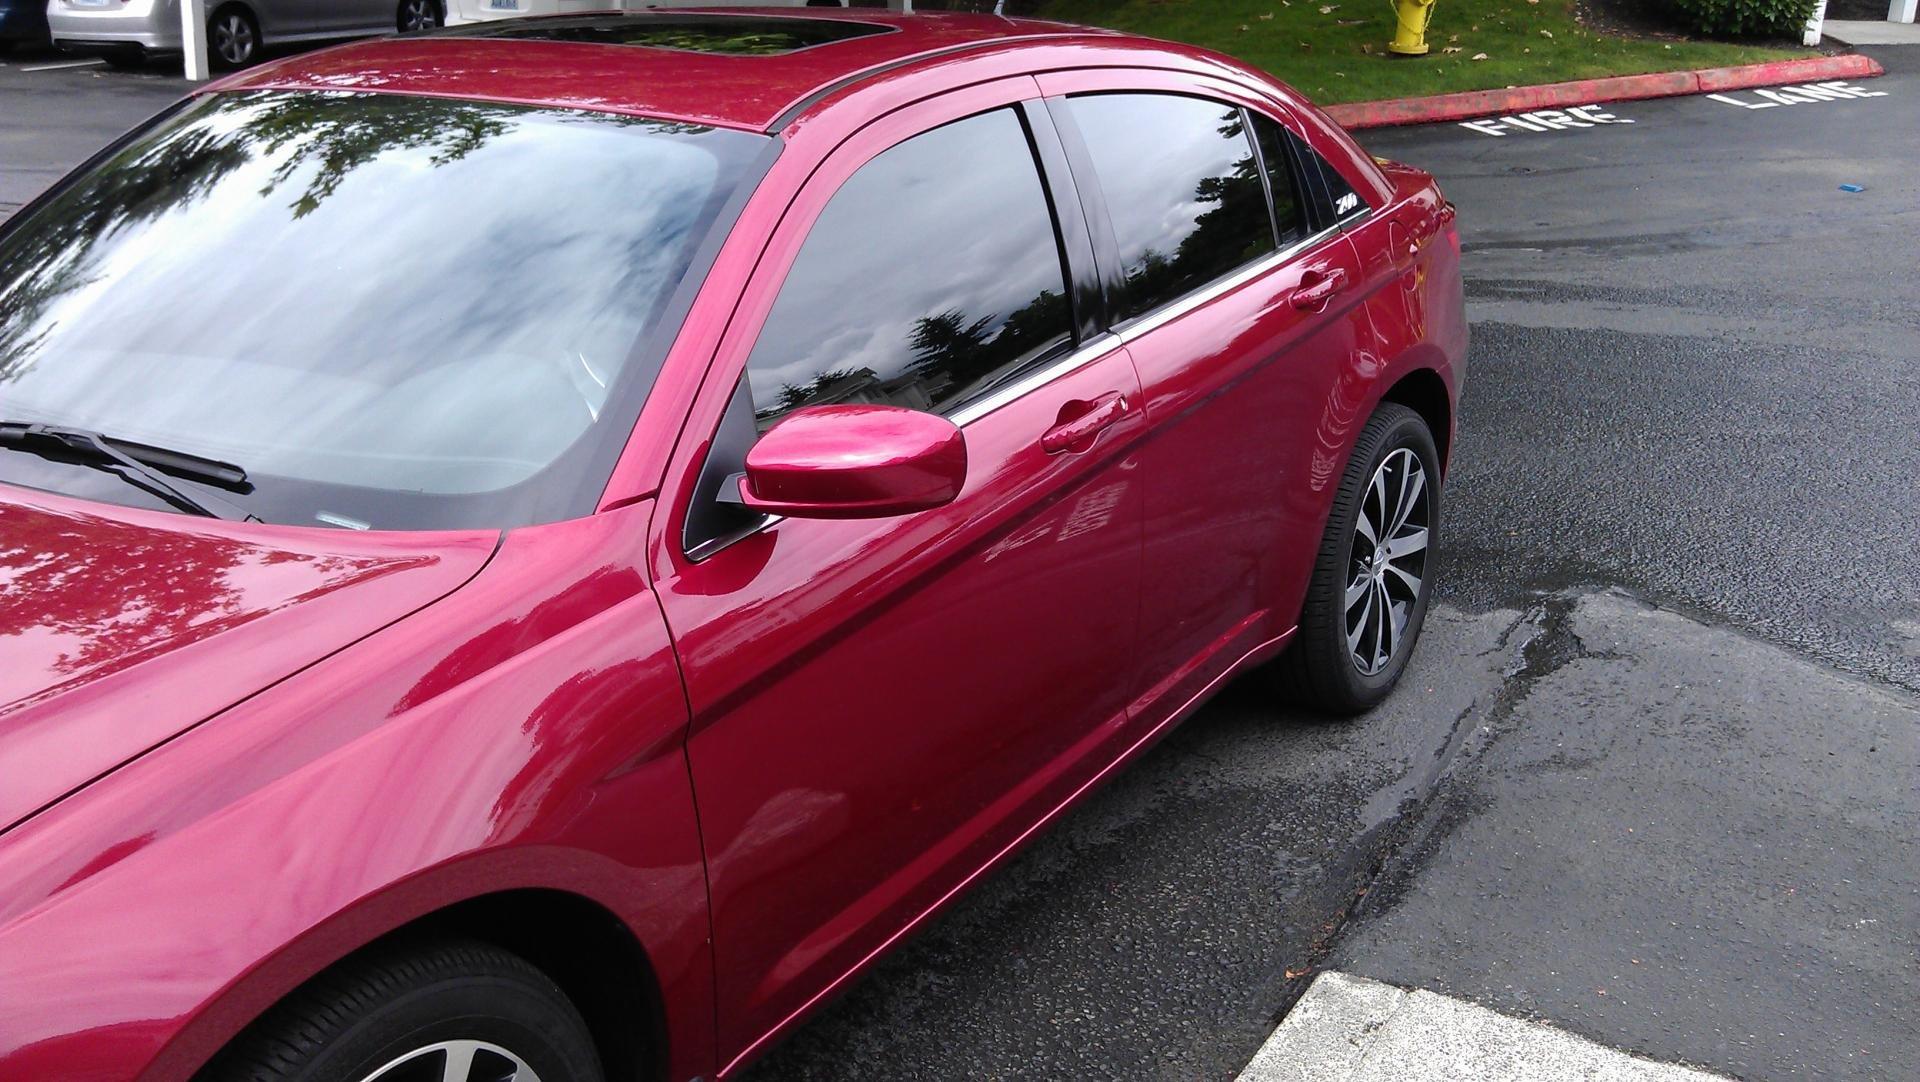 D Window Tint Imag on 2012 Chrysler 200